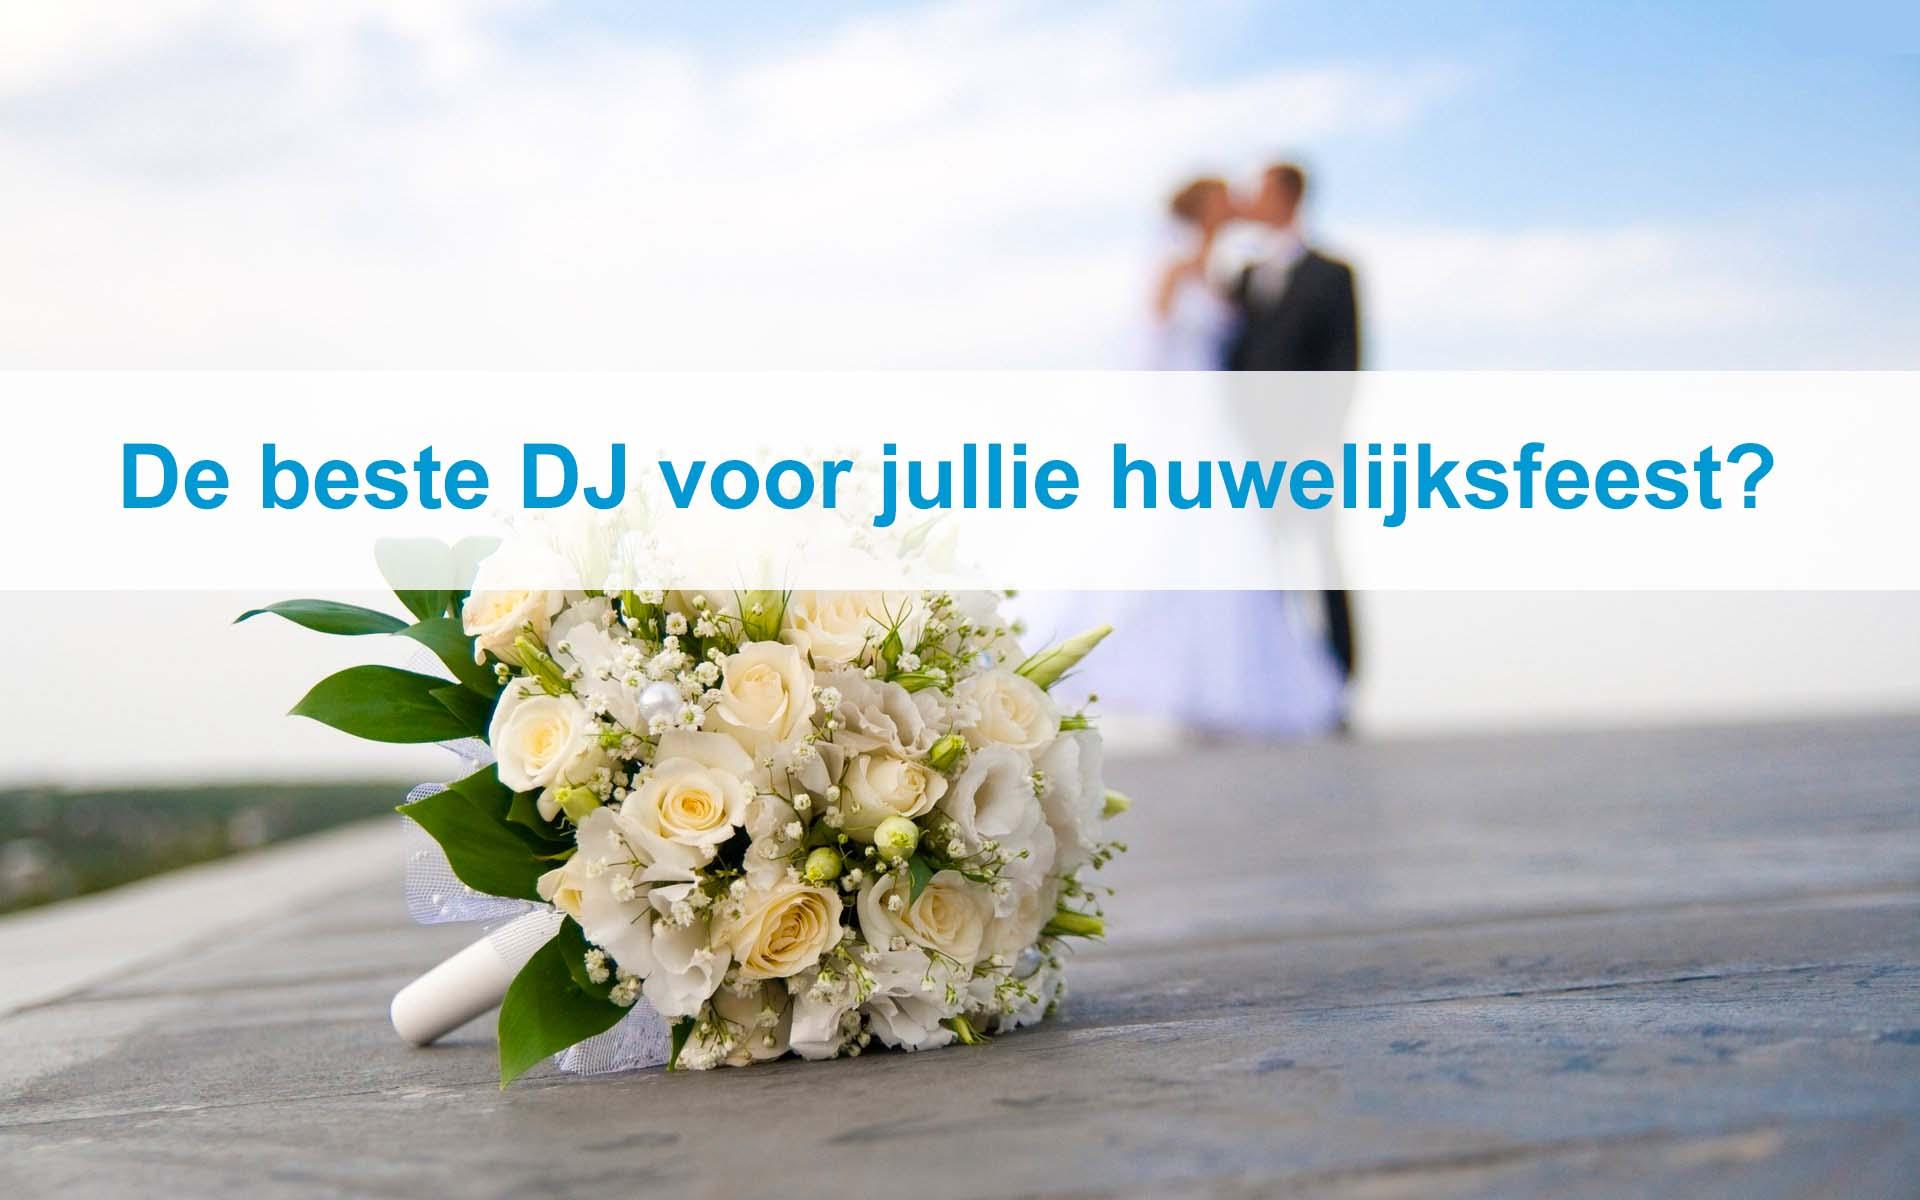 Beste DJ huwelijksfeest